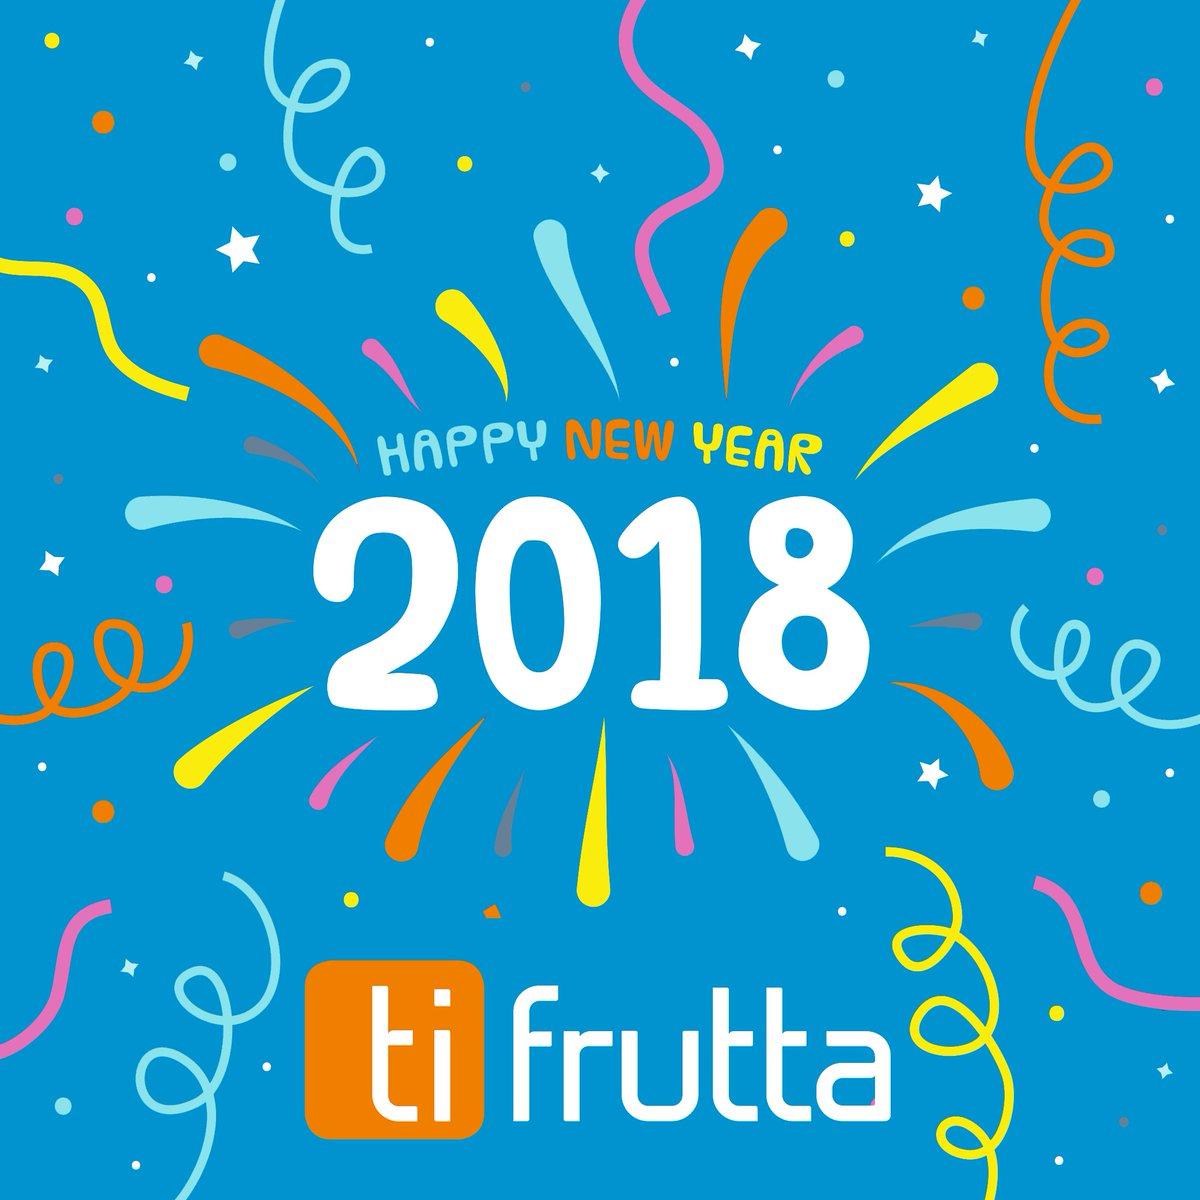 @ti_frutta augura a tutti voi un 2018 ricco di #cashback! https://t.co/JXDwIMnUTX